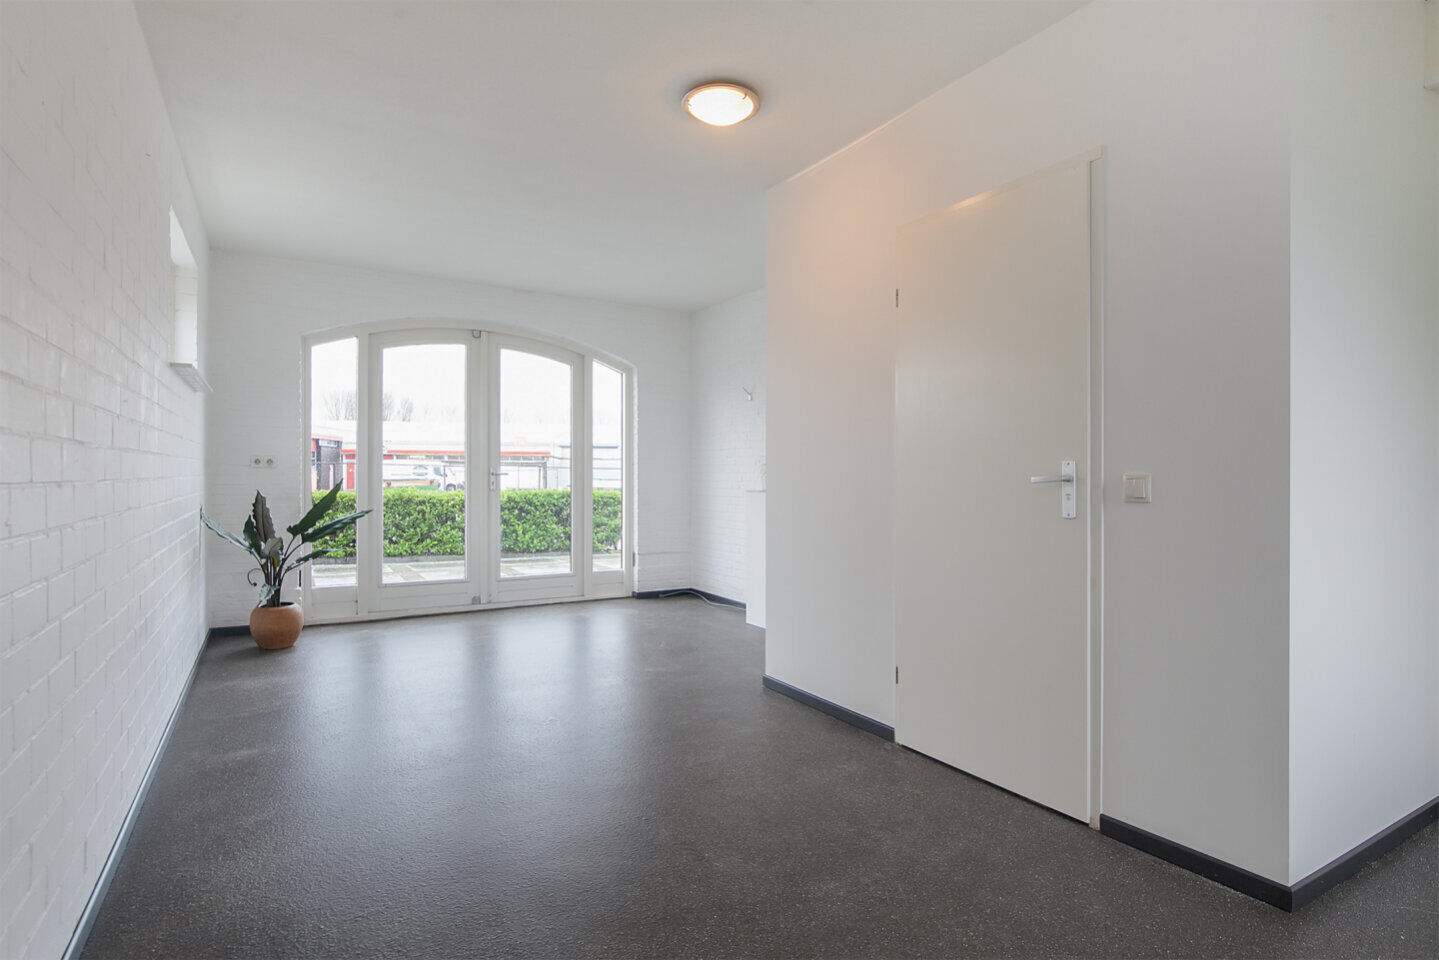 36466-gibsonstraat_16-steenbergen-1899171087